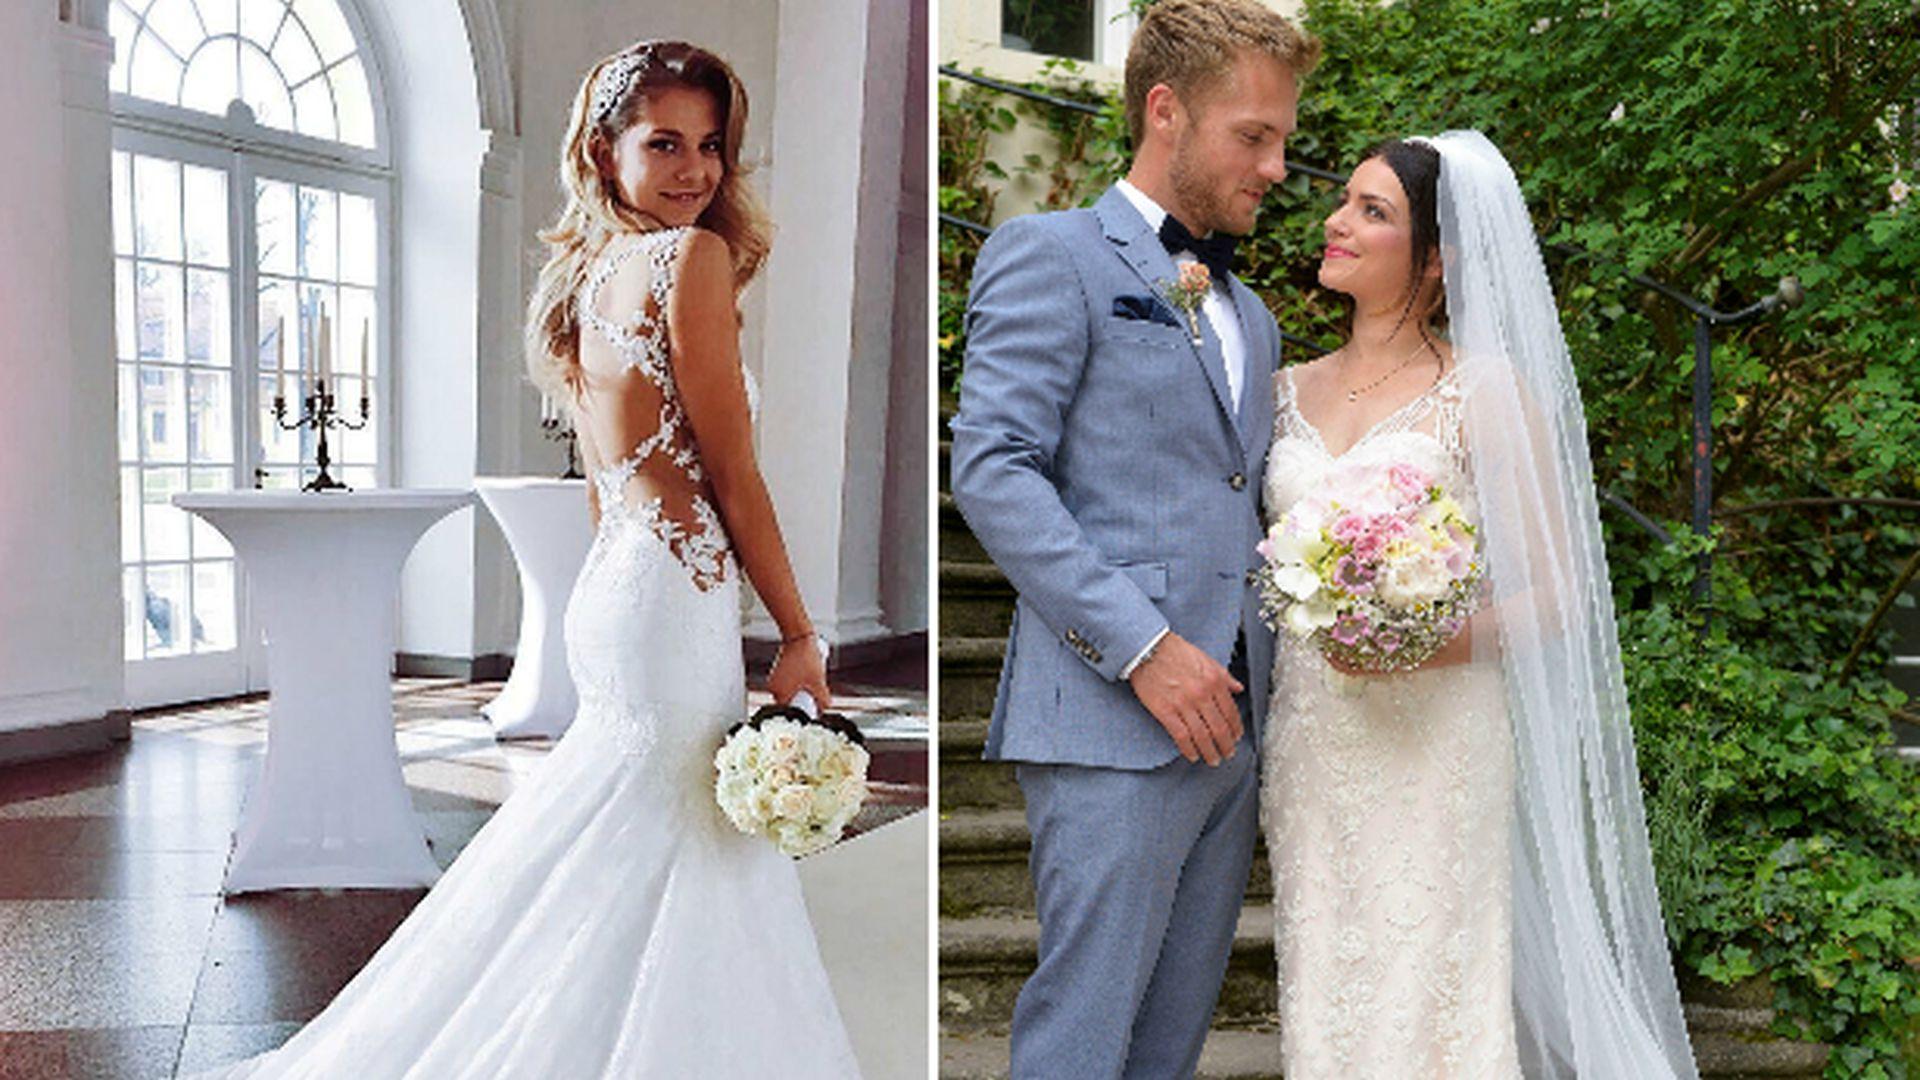 Sunny oder Emily: Welche GZSZ-Braut ist die Schönere?  Promiflash.de